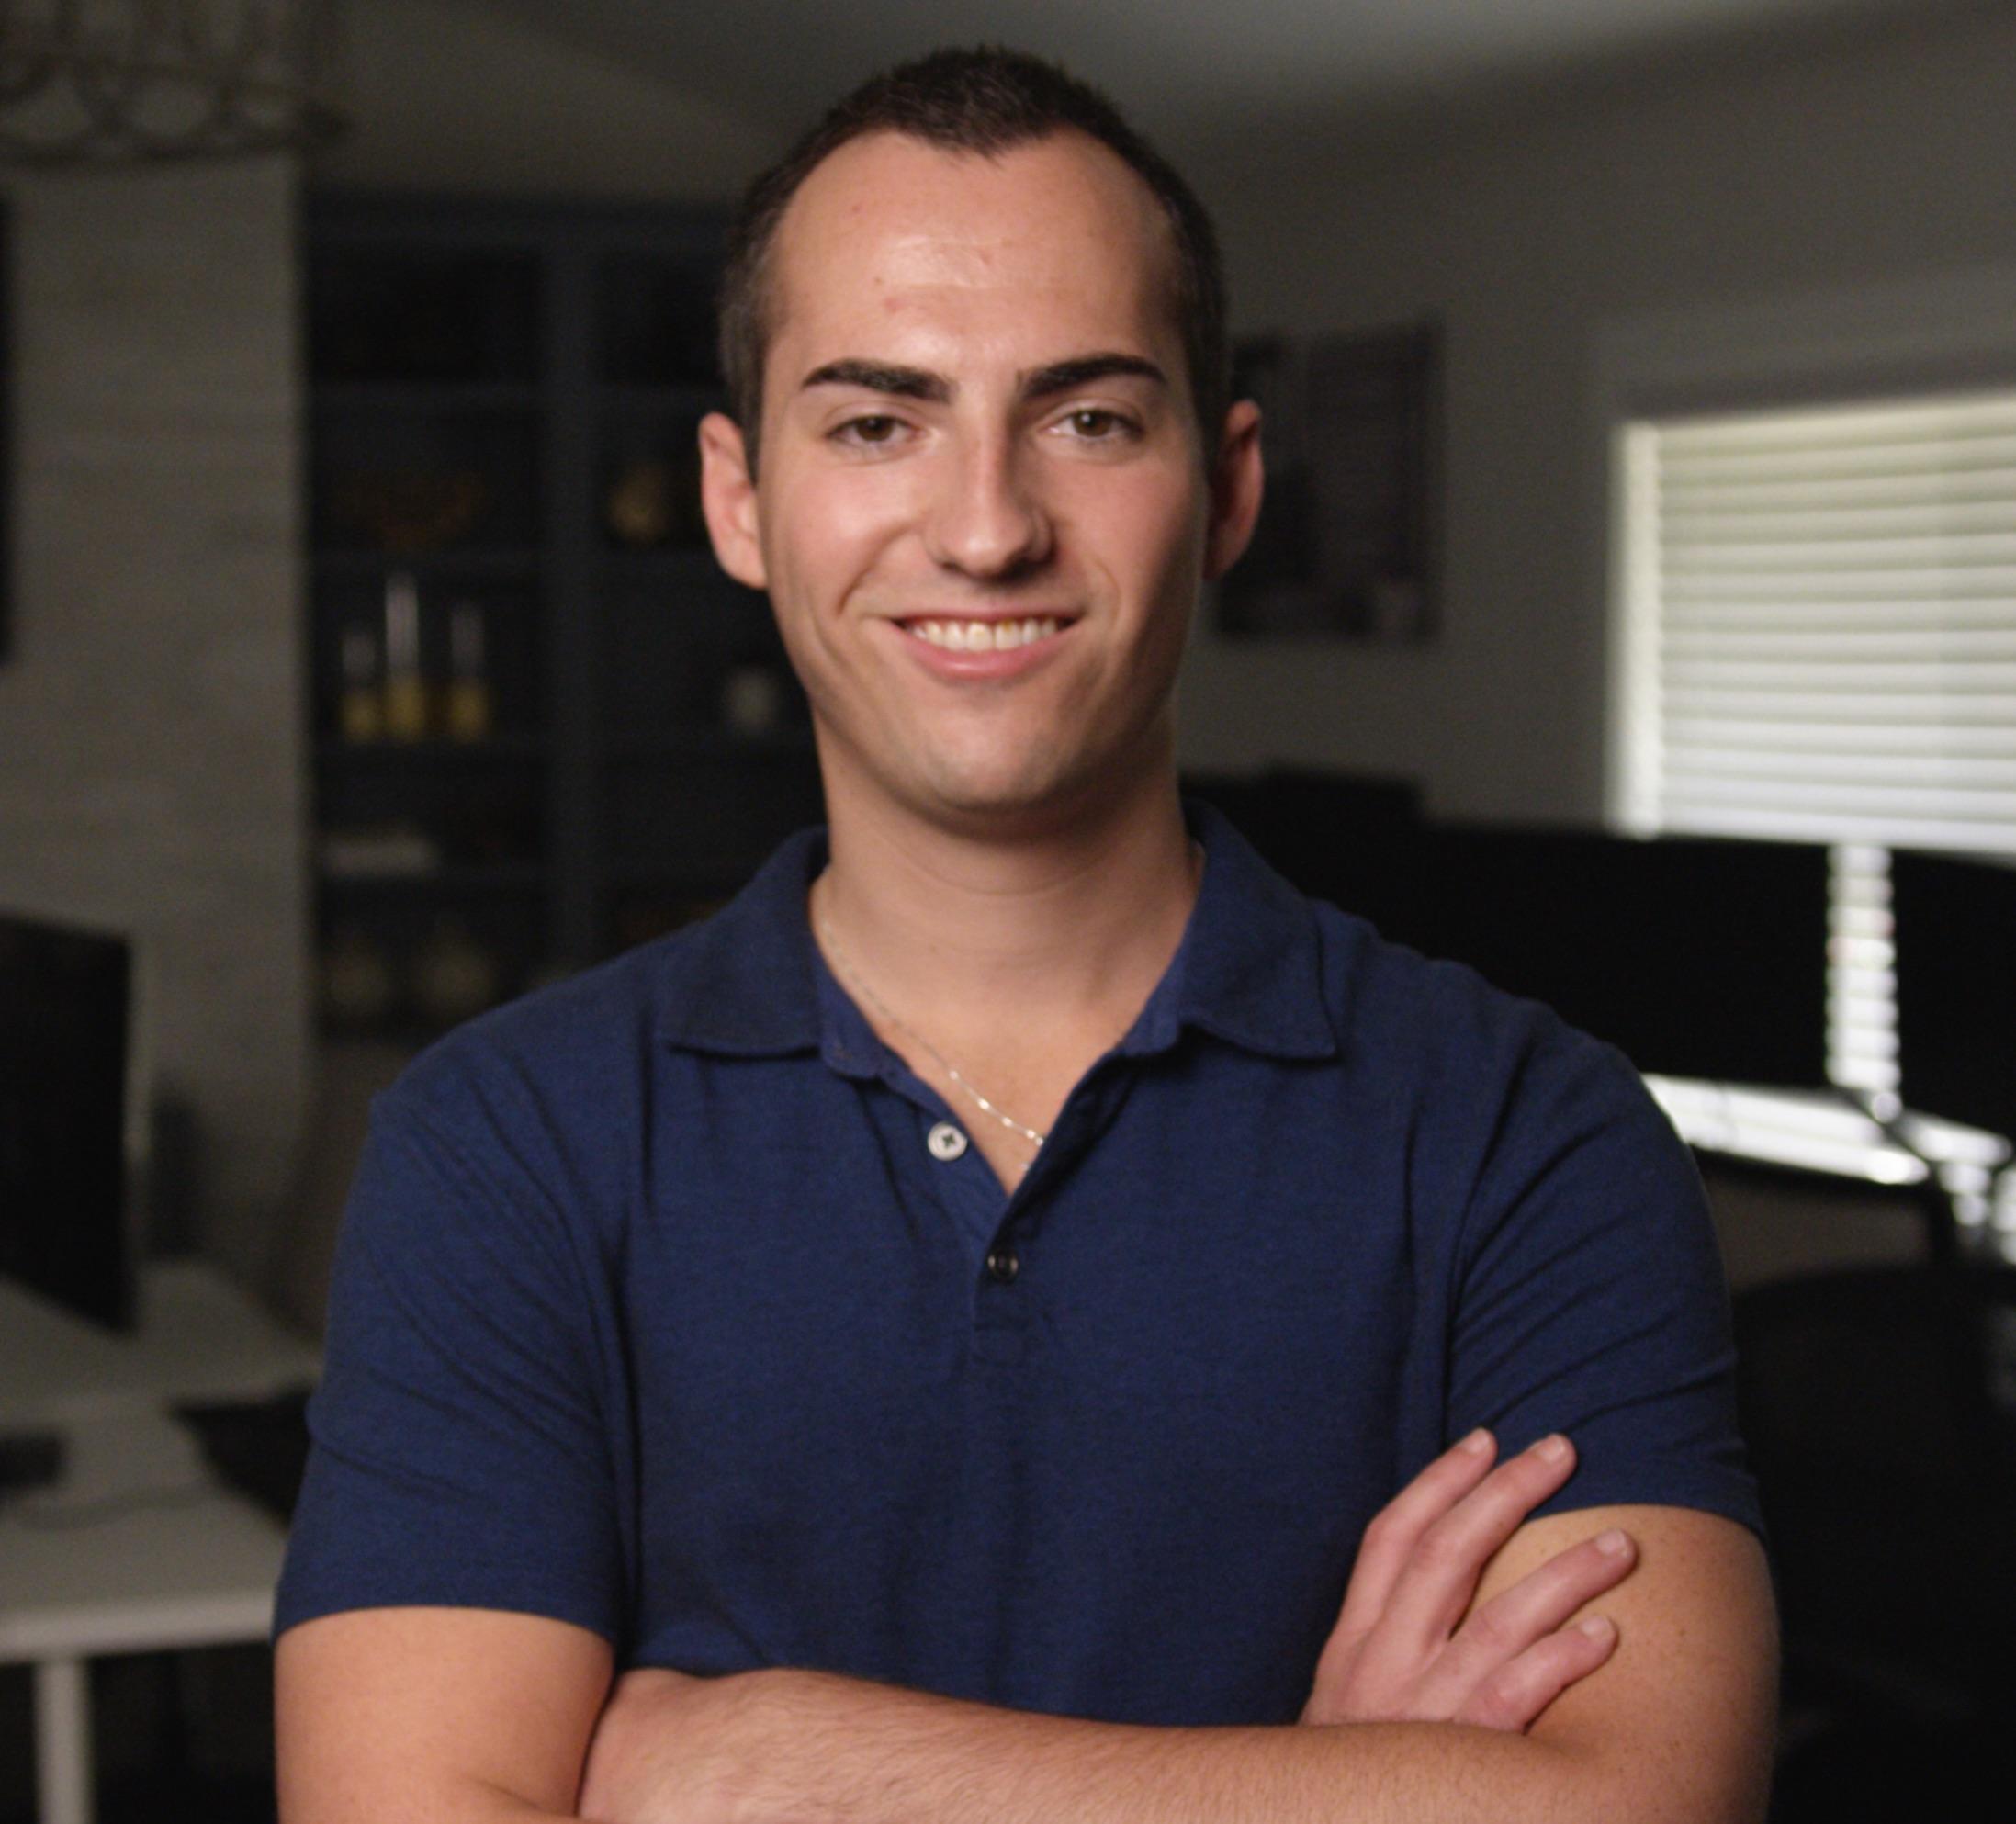 Ethan Blumenthal